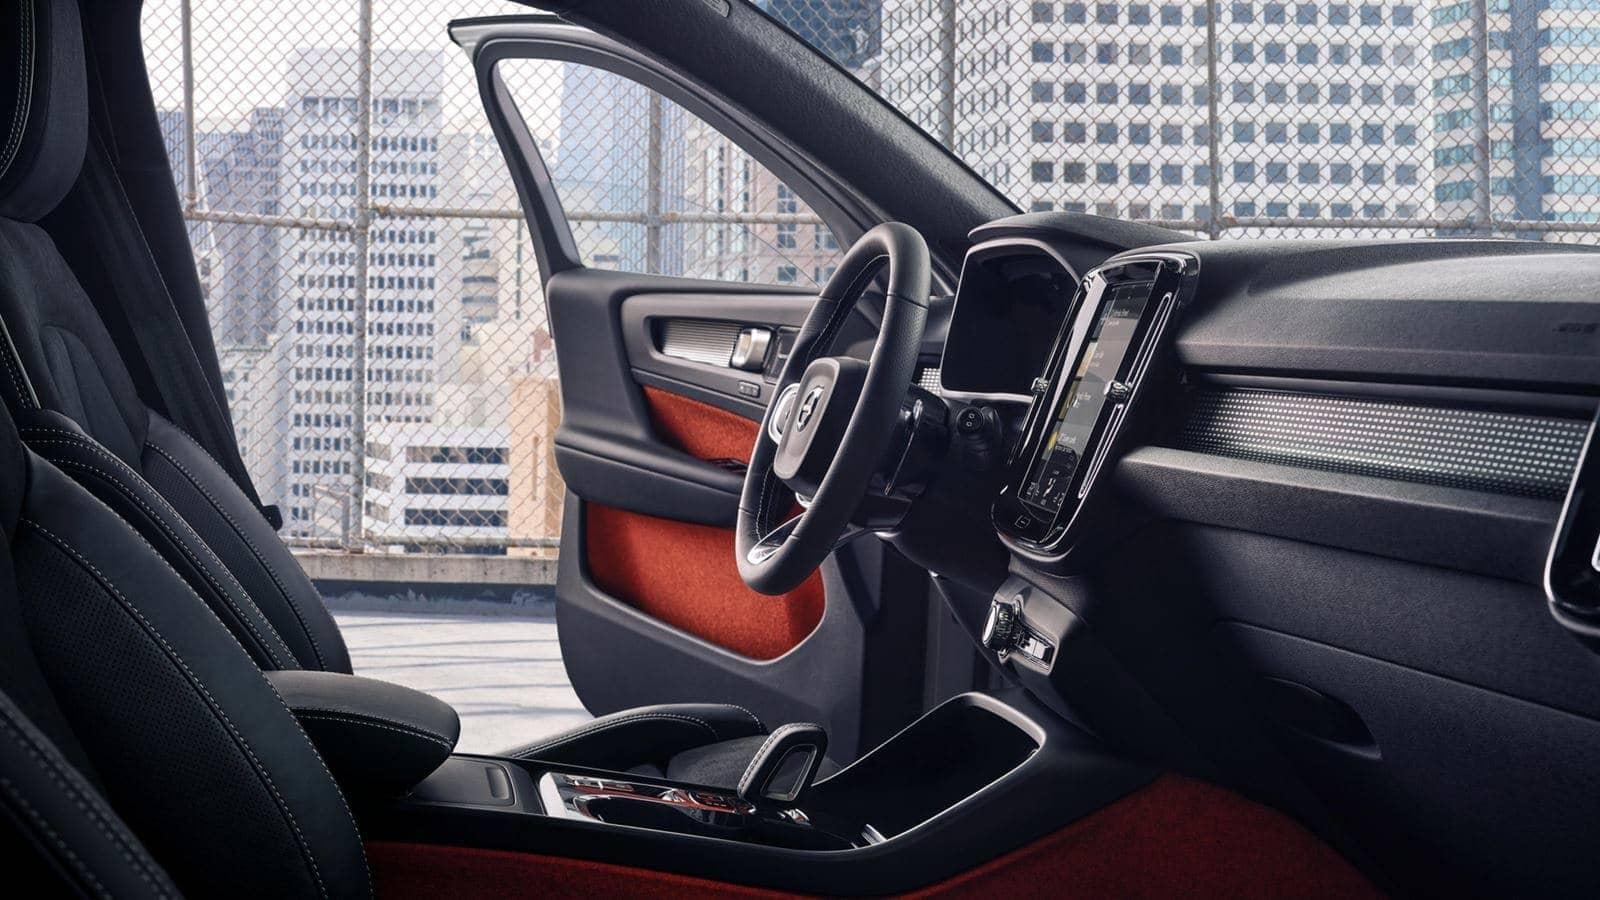 2019 Volvo Xc40 Vs 2018 Bmw X1 Lovering Volvo Cars Concord